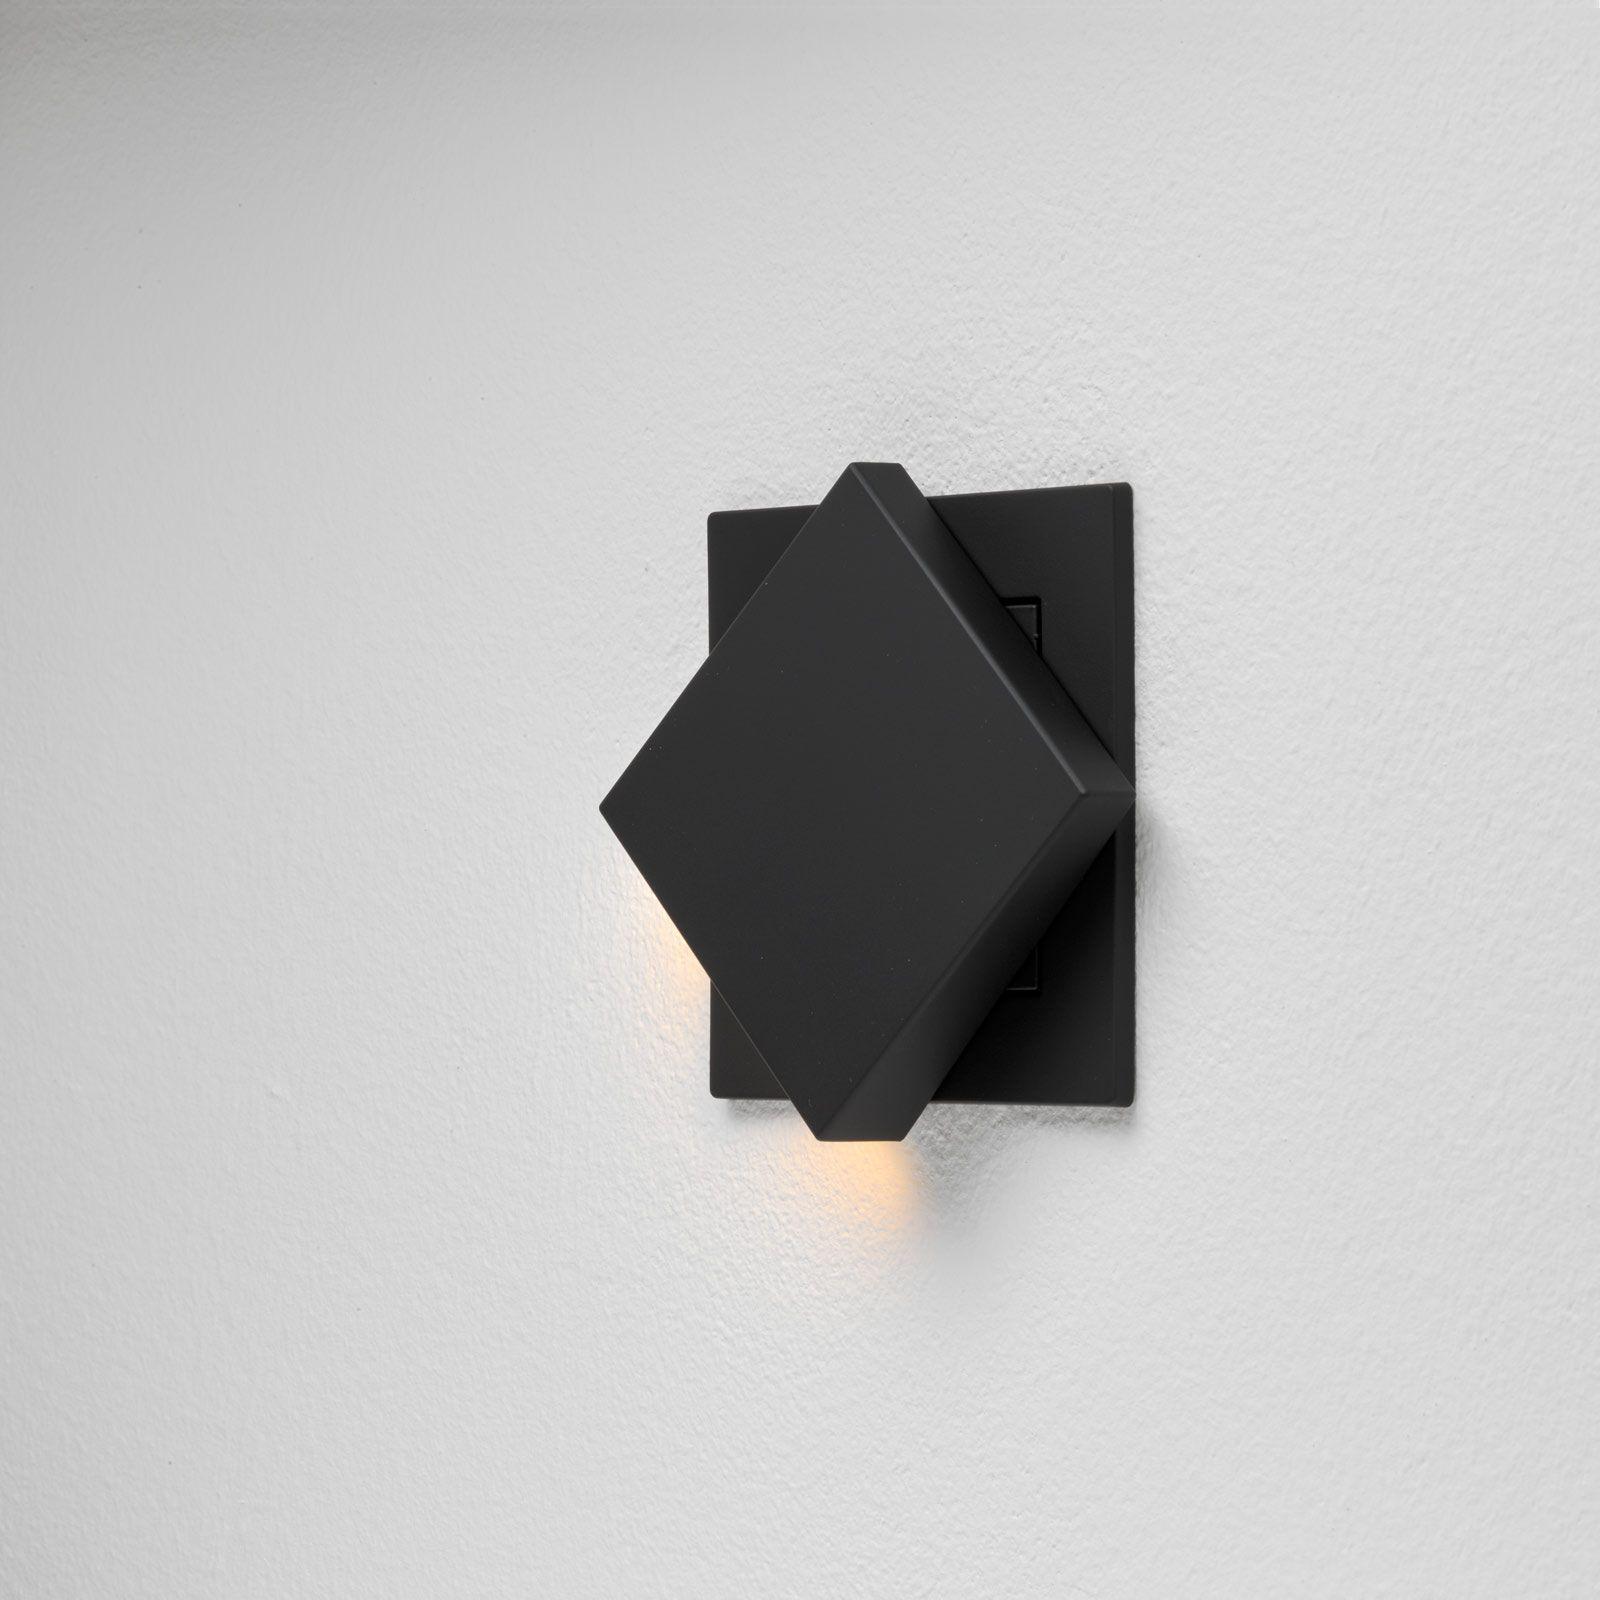 plug and light Gira Fluter von der Seite